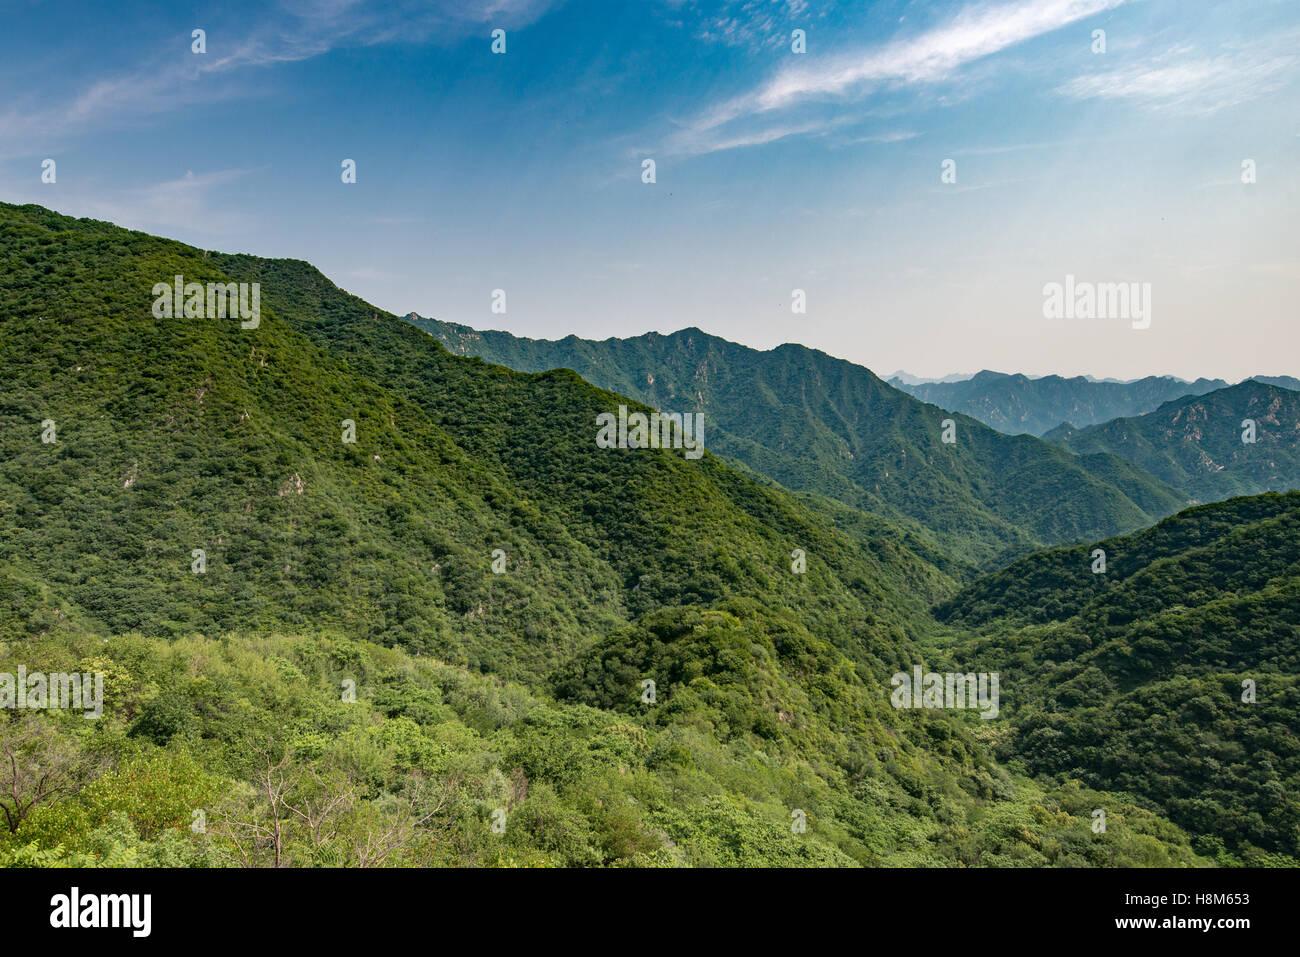 Mutianyu, China - con vistas al paisaje de la Gran Muralla de China cordillera. El muro se extiende más de Imagen De Stock